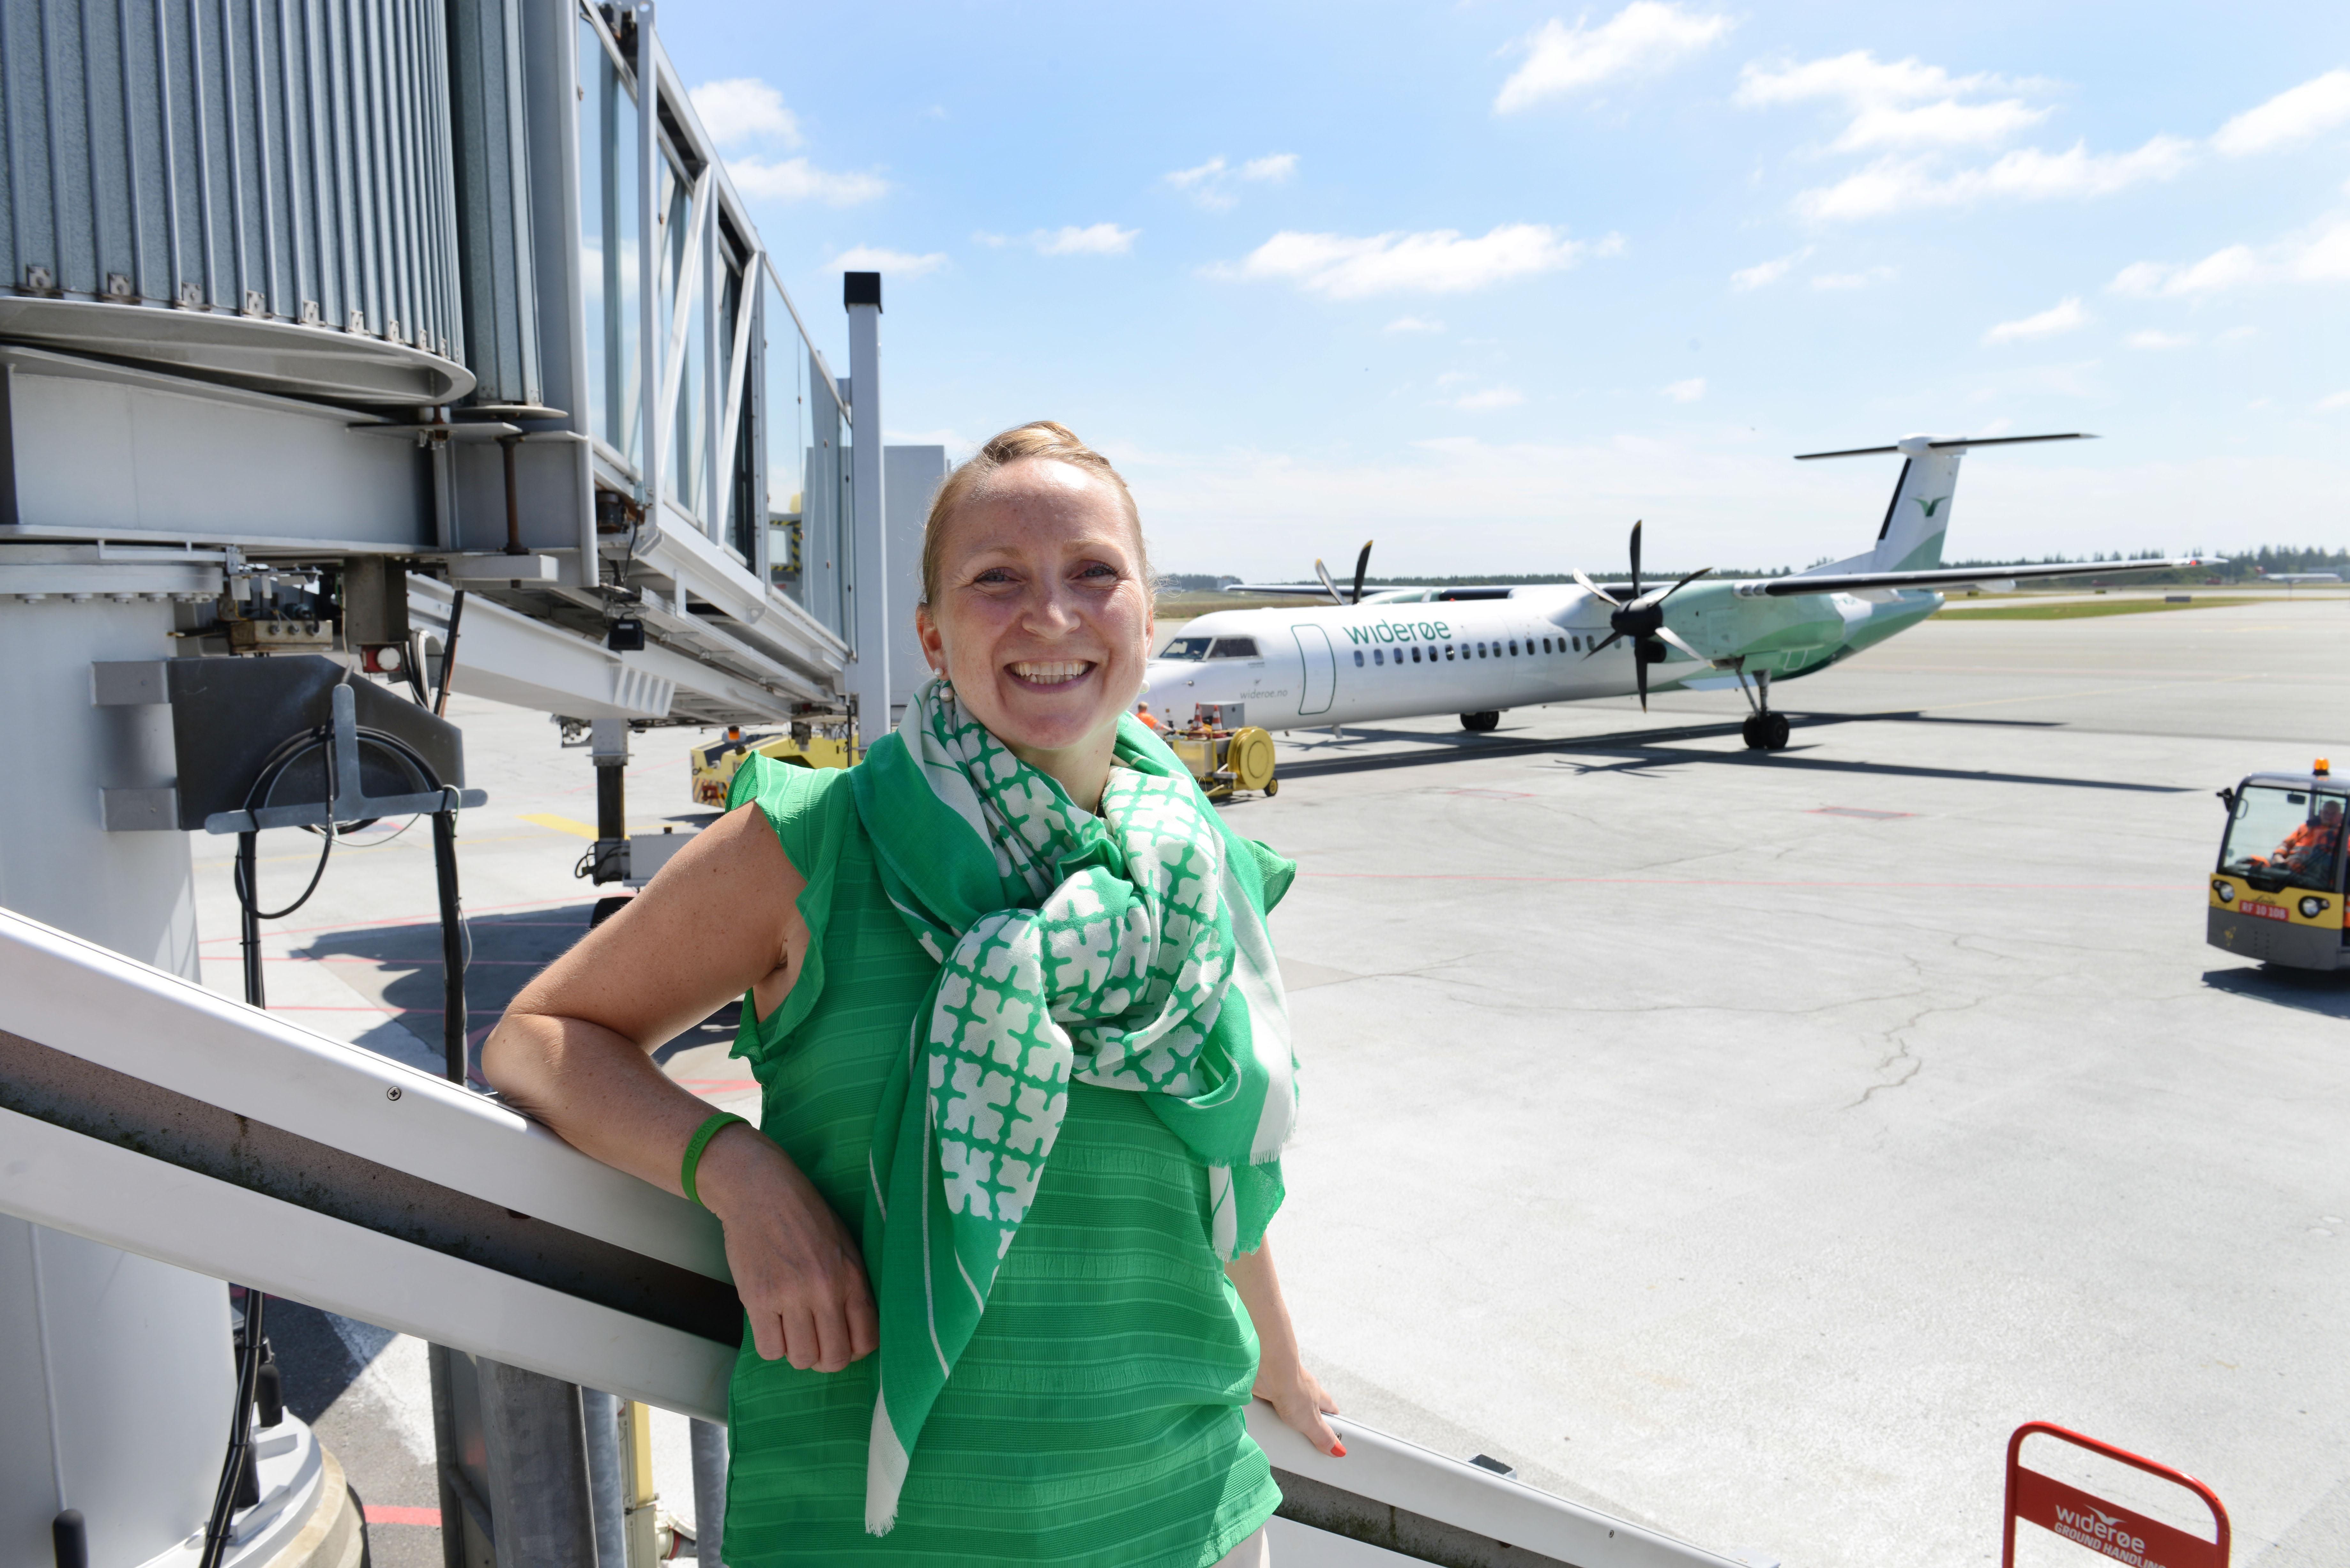 Informationschef i Widerøe, Catarina Solli, ser frem til samarbejdet med Billund. (Foto: Joakim J. Hvistendahl)